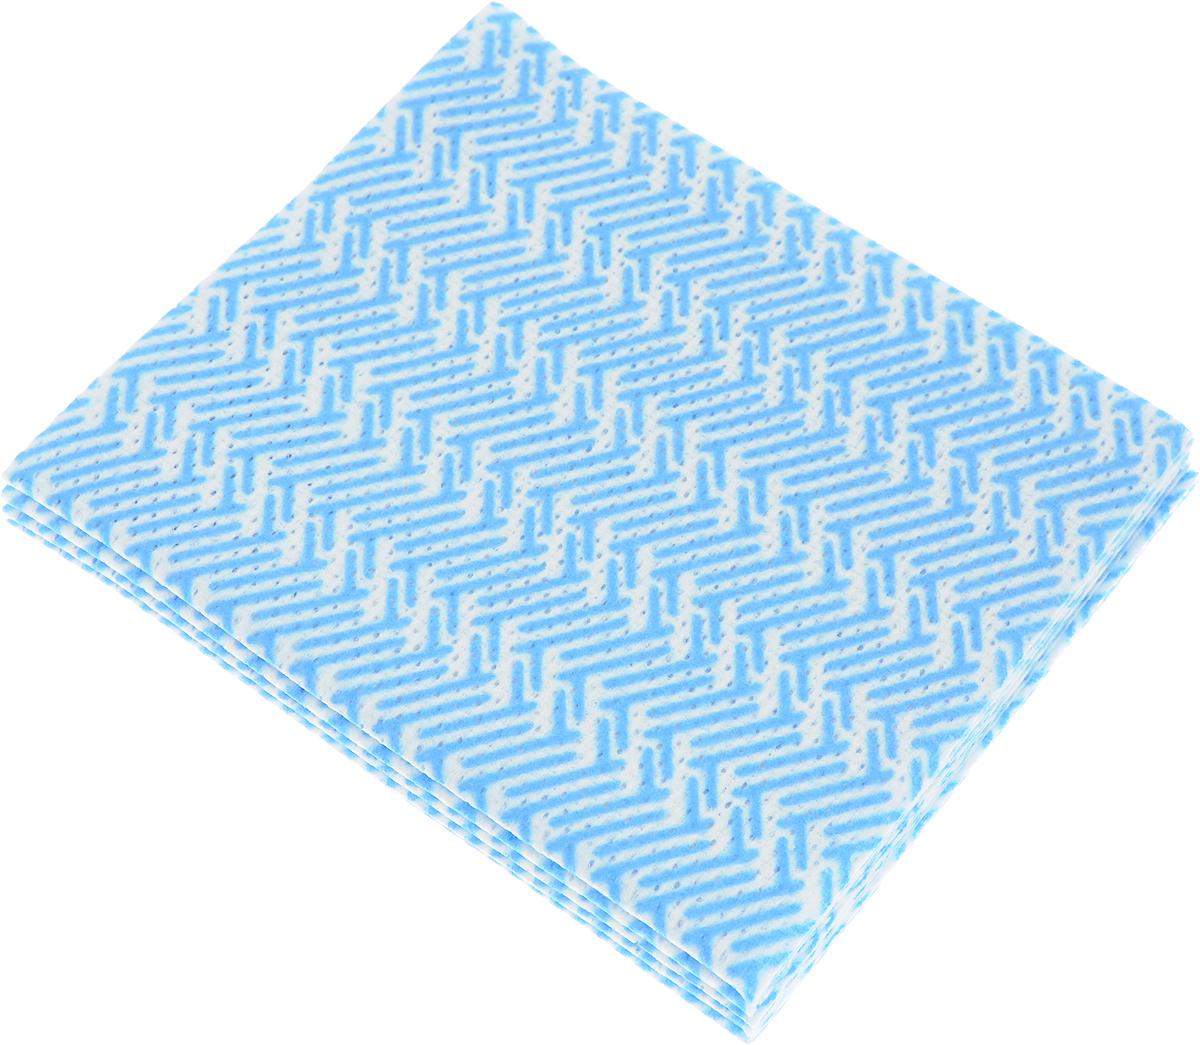 """Бамбуковая салфетка для уборки """"La Chista"""" предназначена для удаления жира и  загрязнений с любых поверхностей без использования моющих средств. Особенности салфетки: - жироотталкивающие свойства; - антибактериальный эффект. Состав: 70% бамбуковое волокно, 20% полиэстер, 10% вискоза. Размер салфетки: 30 х 34 см."""